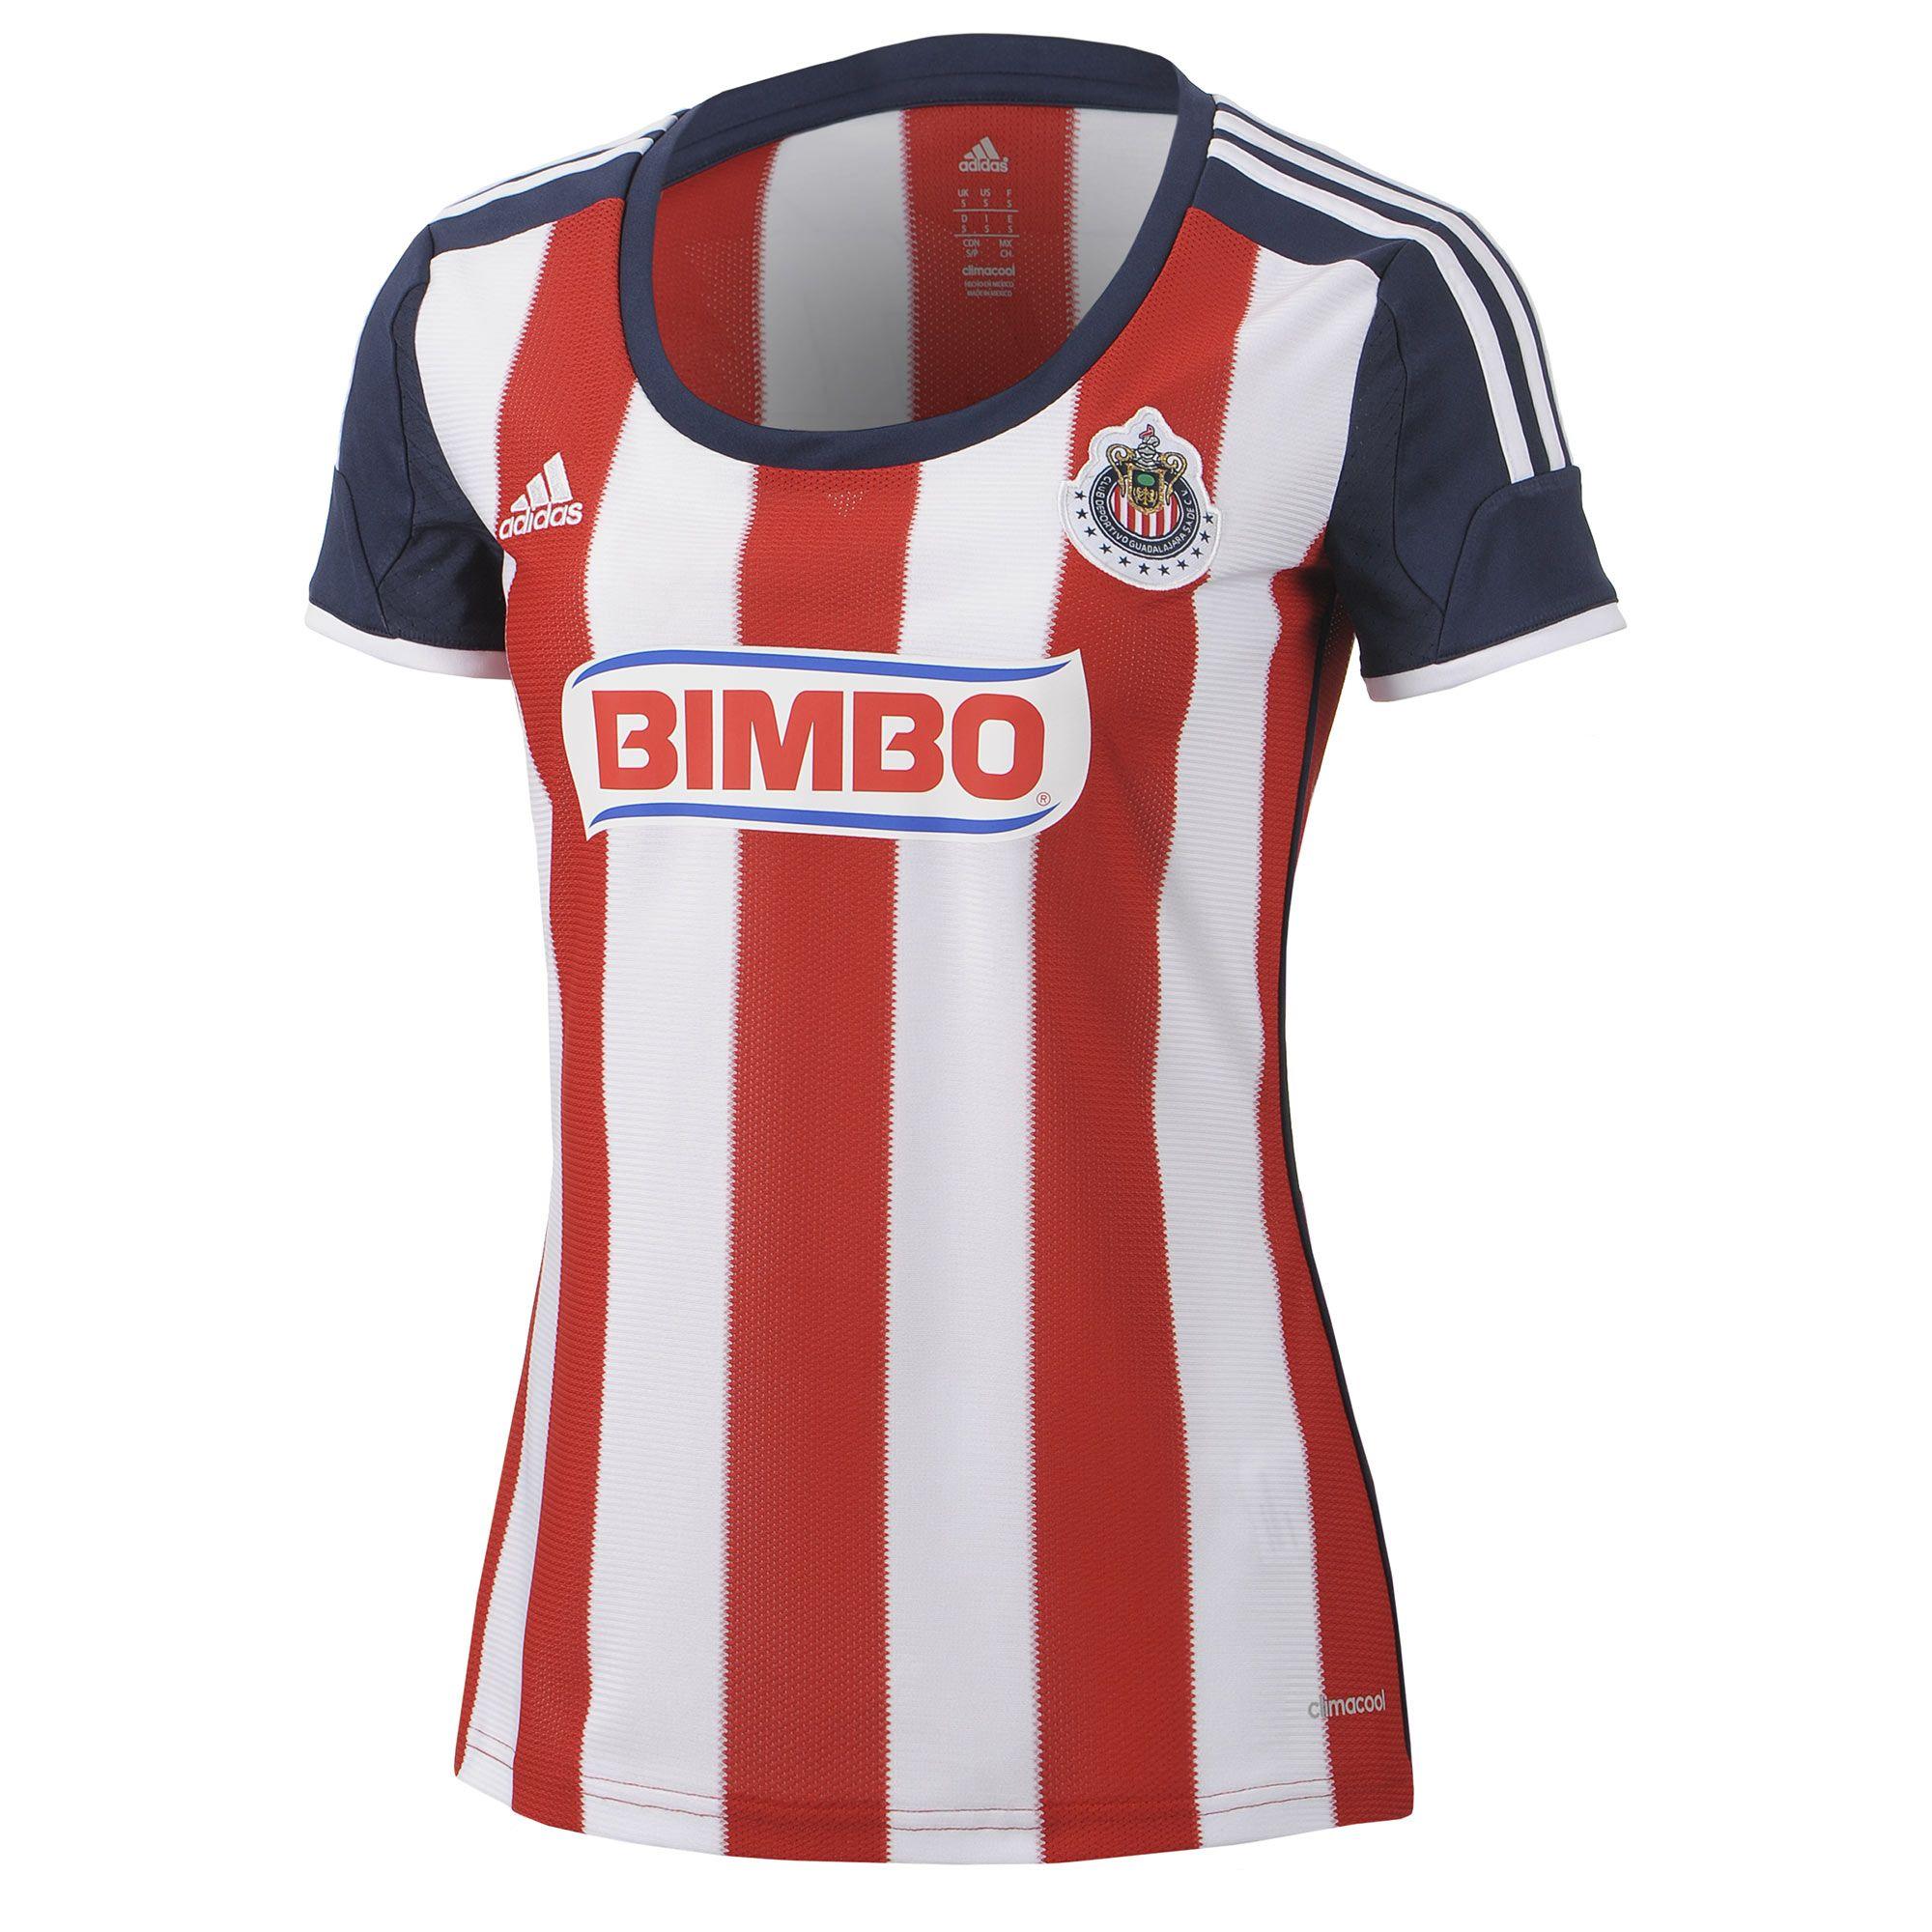 Jersey local Chivas de Guadalajara mujer en adidas.mx. Descubre todos los y  colores disponibles en la tienda adidas online de México. 7cbacbe09a028